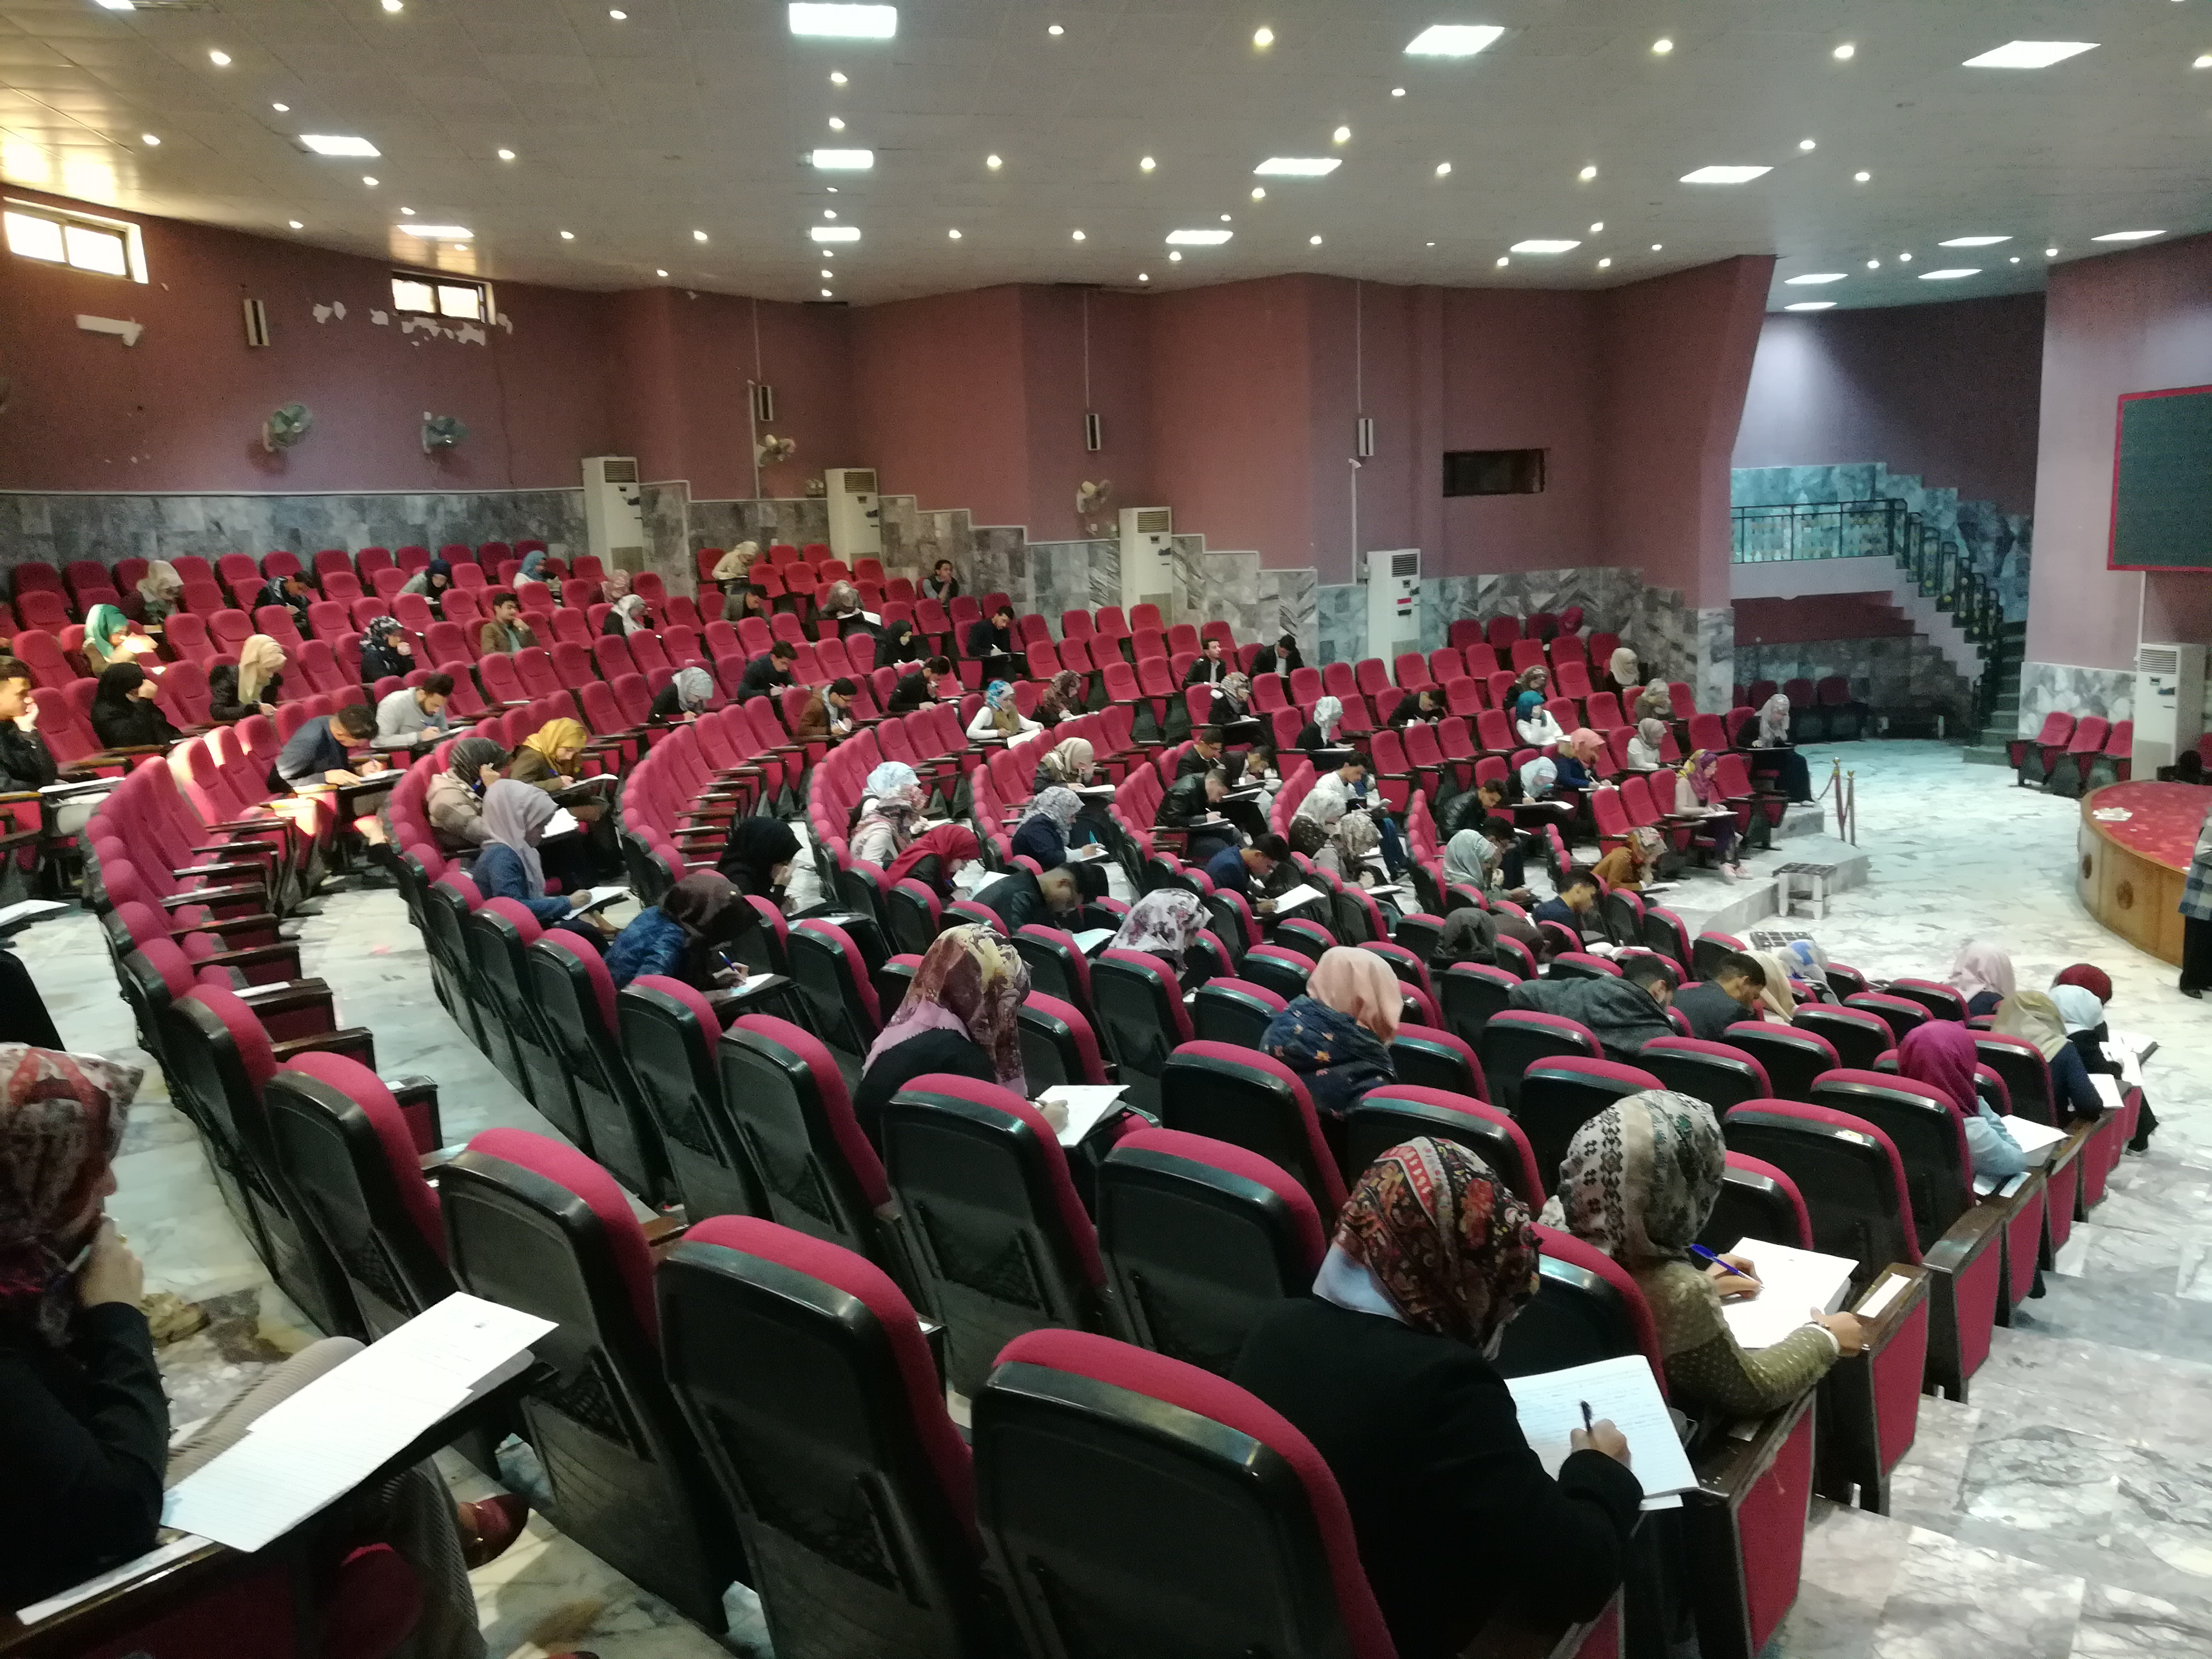 زيارة عميدة كلية الطب للقاعة الامتحانية و اللجنة الامتحانية